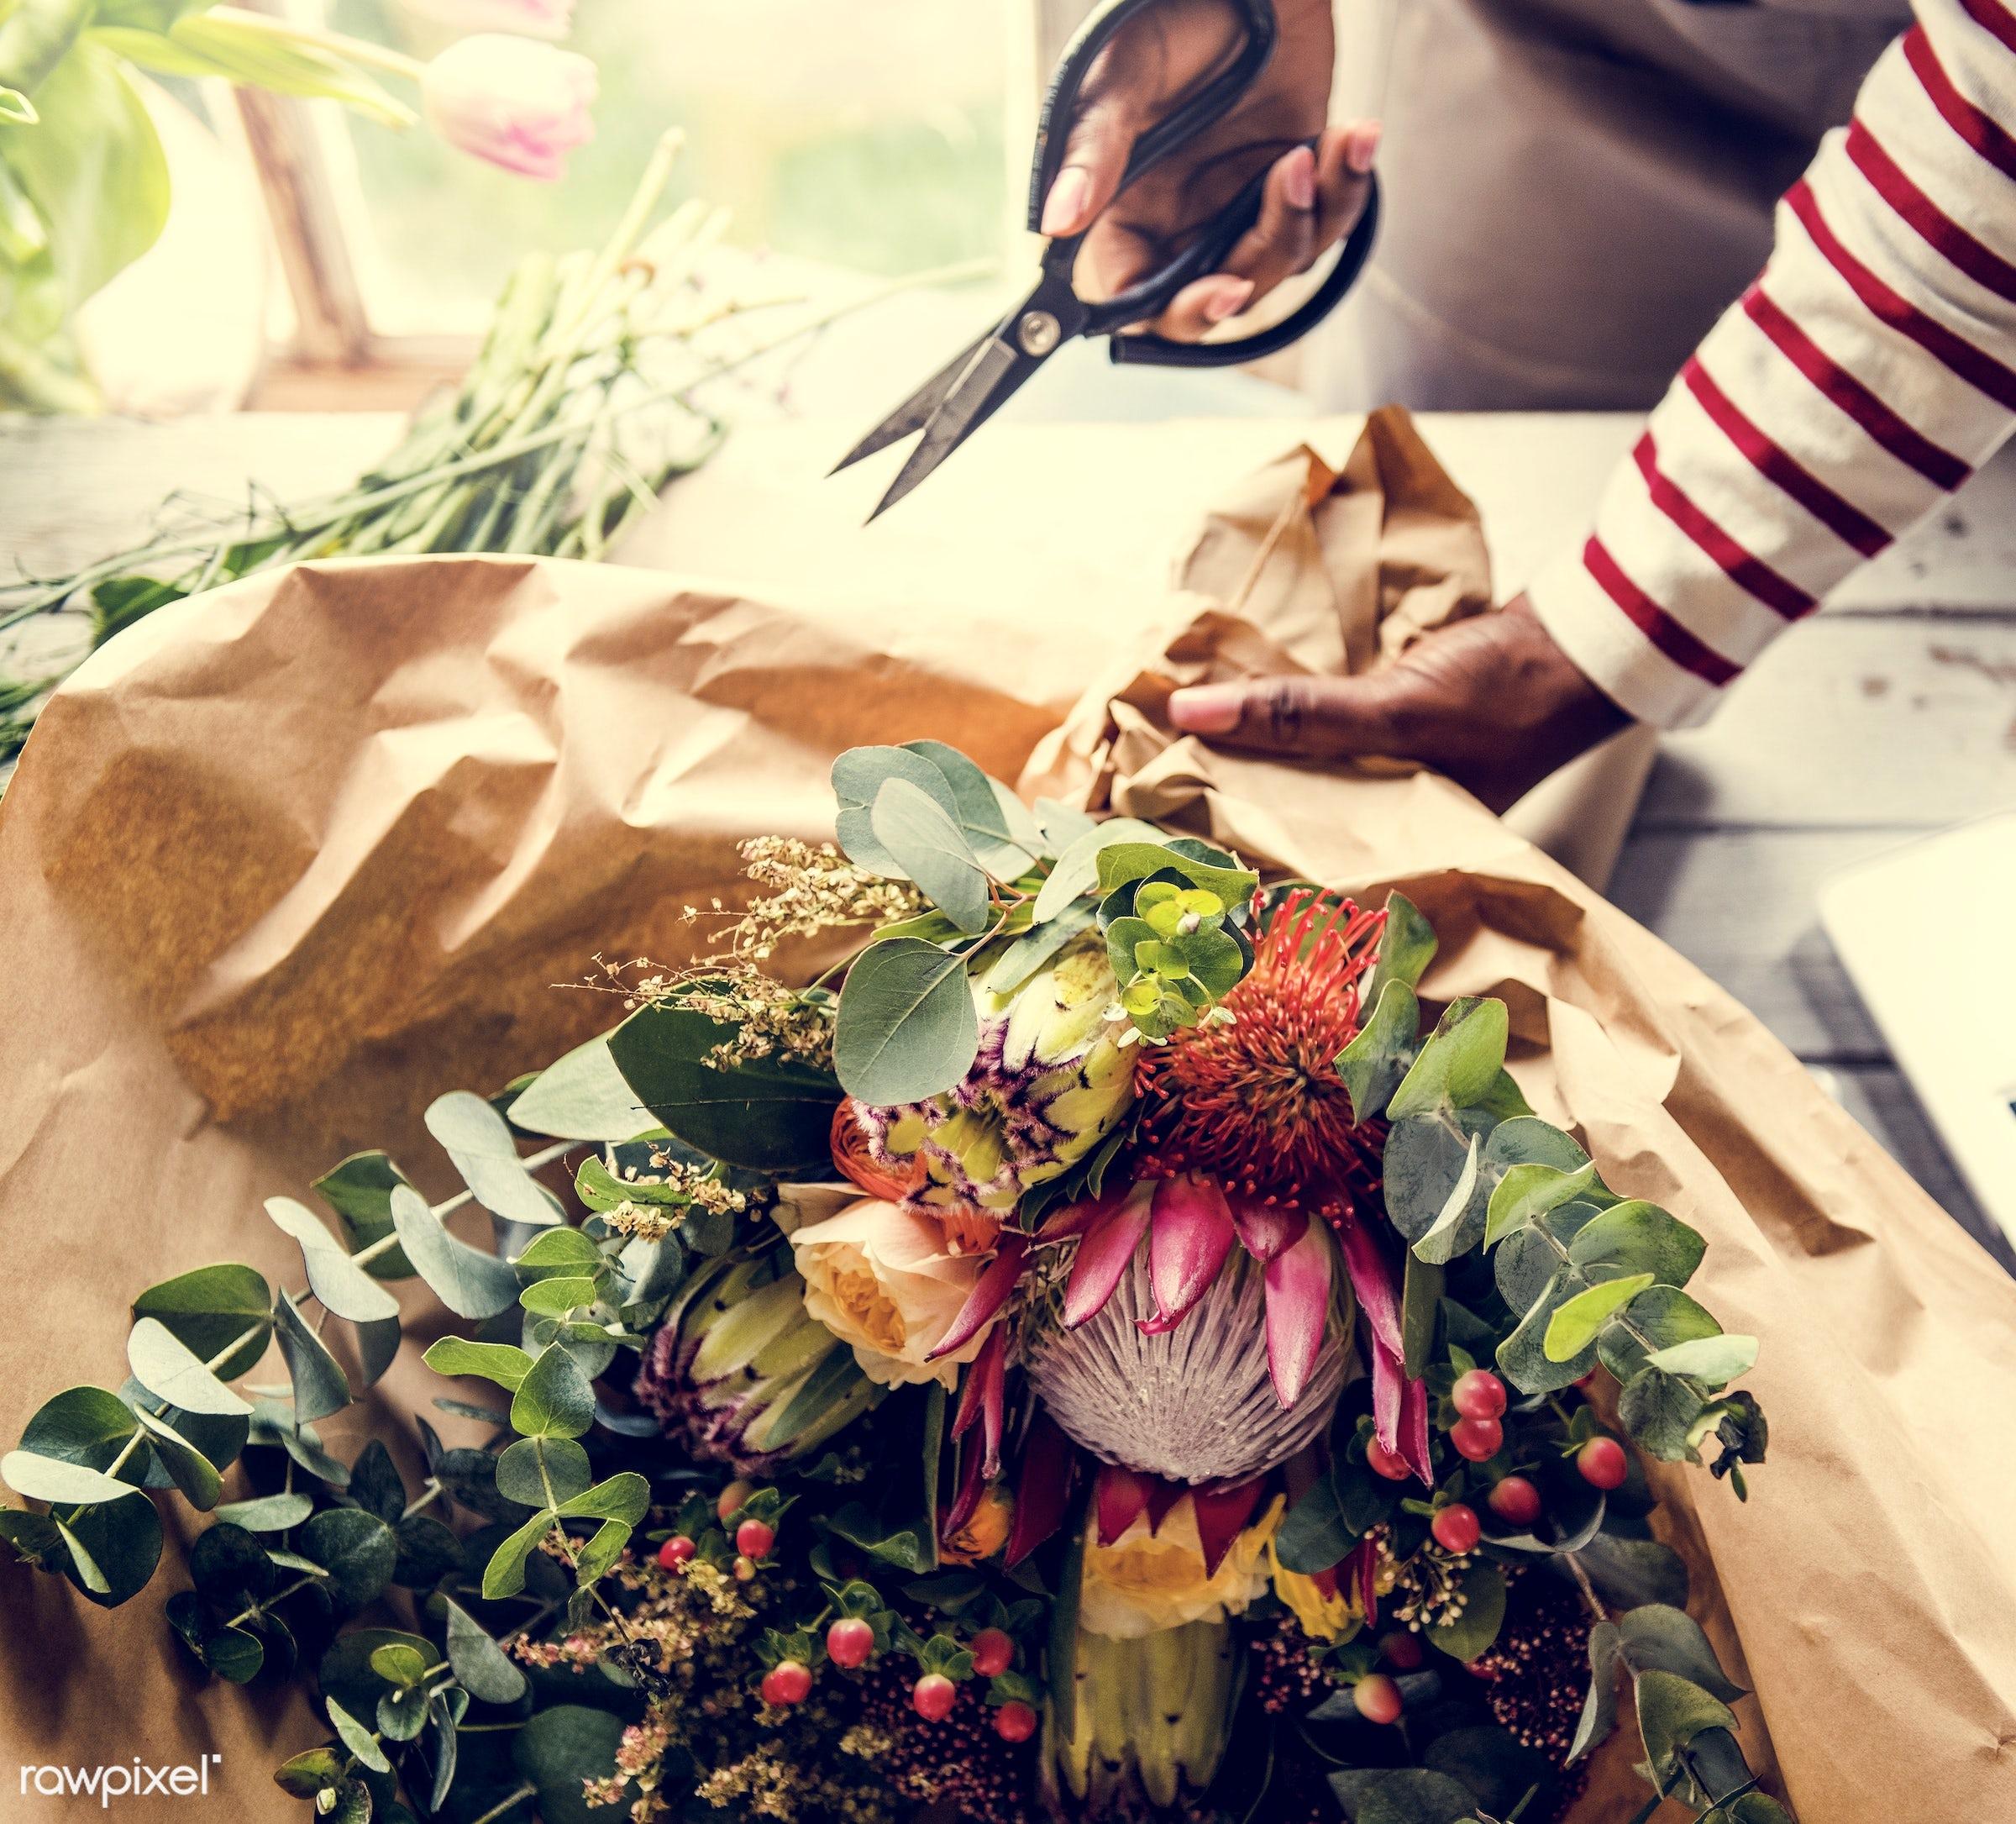 bouquet, shop, detail, person, people, decor, nature, woman, flowers, work, refreshment, florist, present, arrangement,...